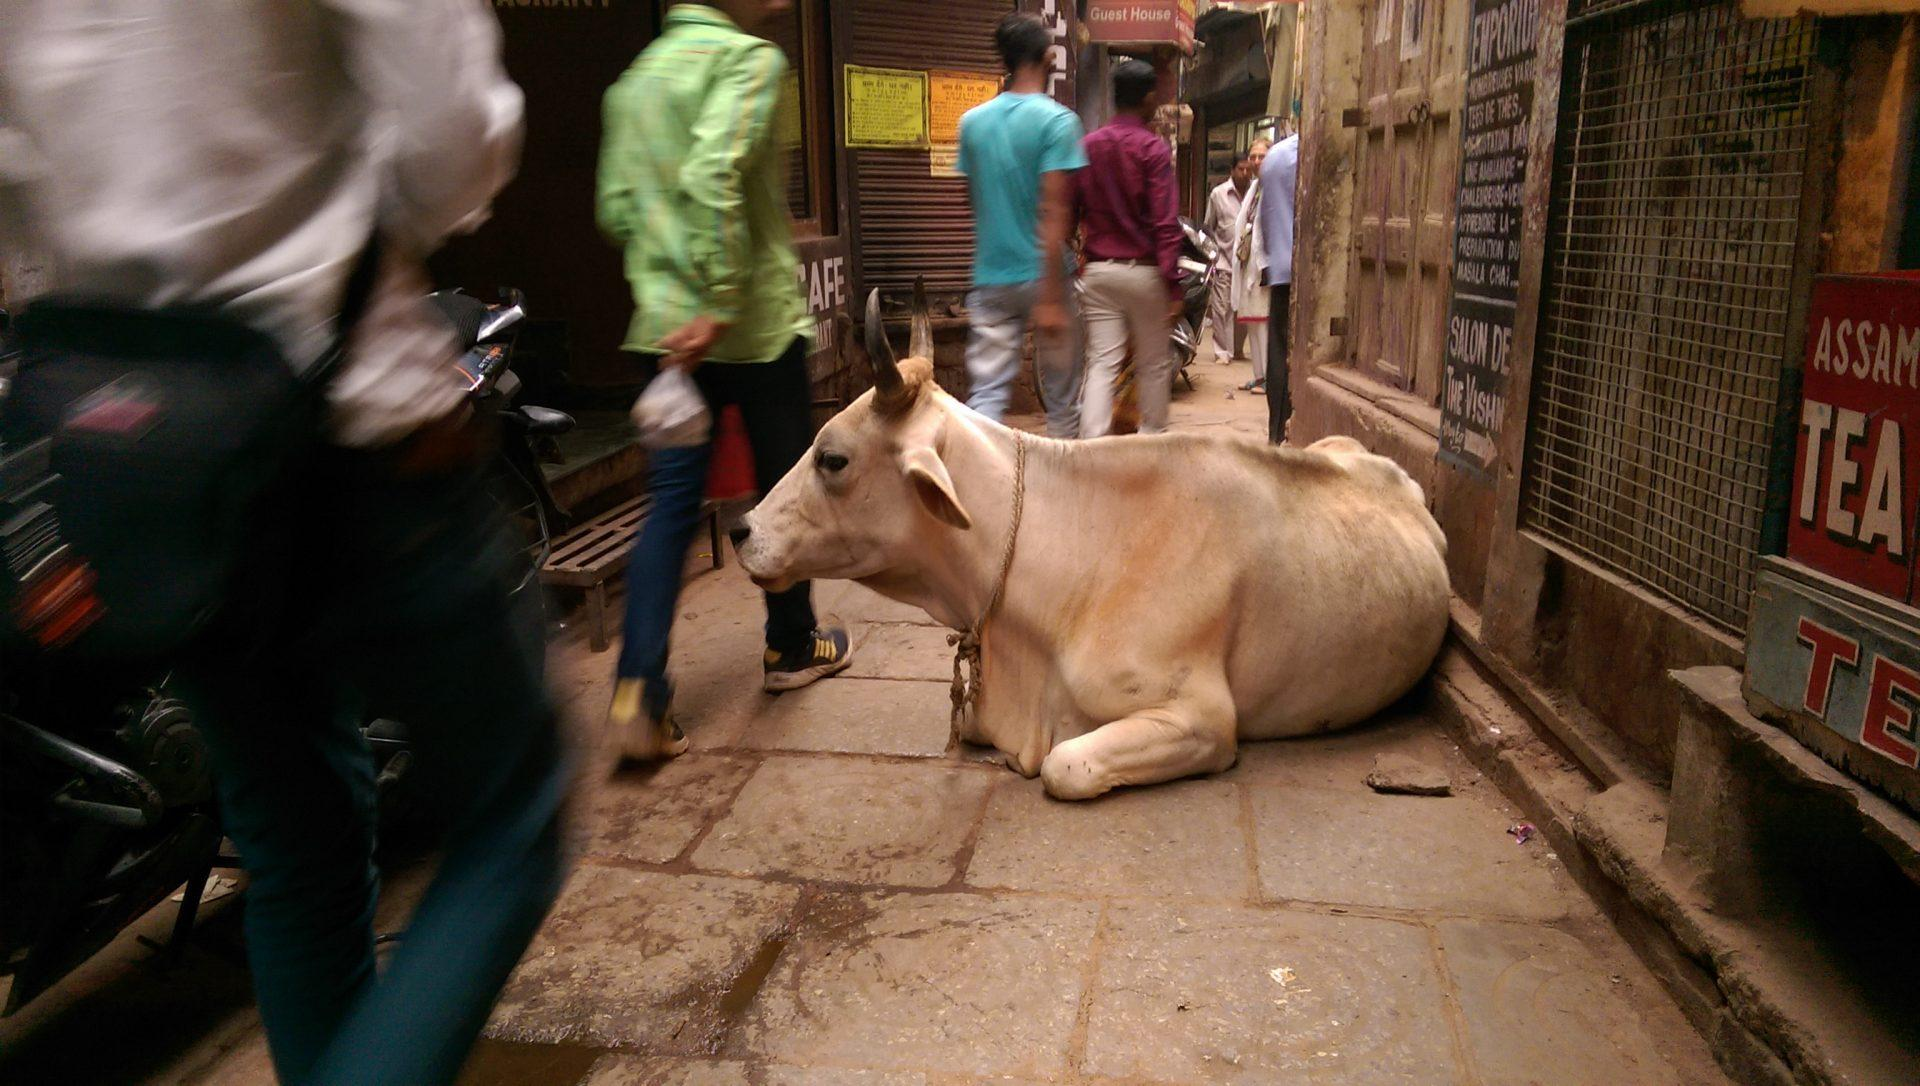 Tuer les moustiques est une expression indienne - Crédit photo izart.fr